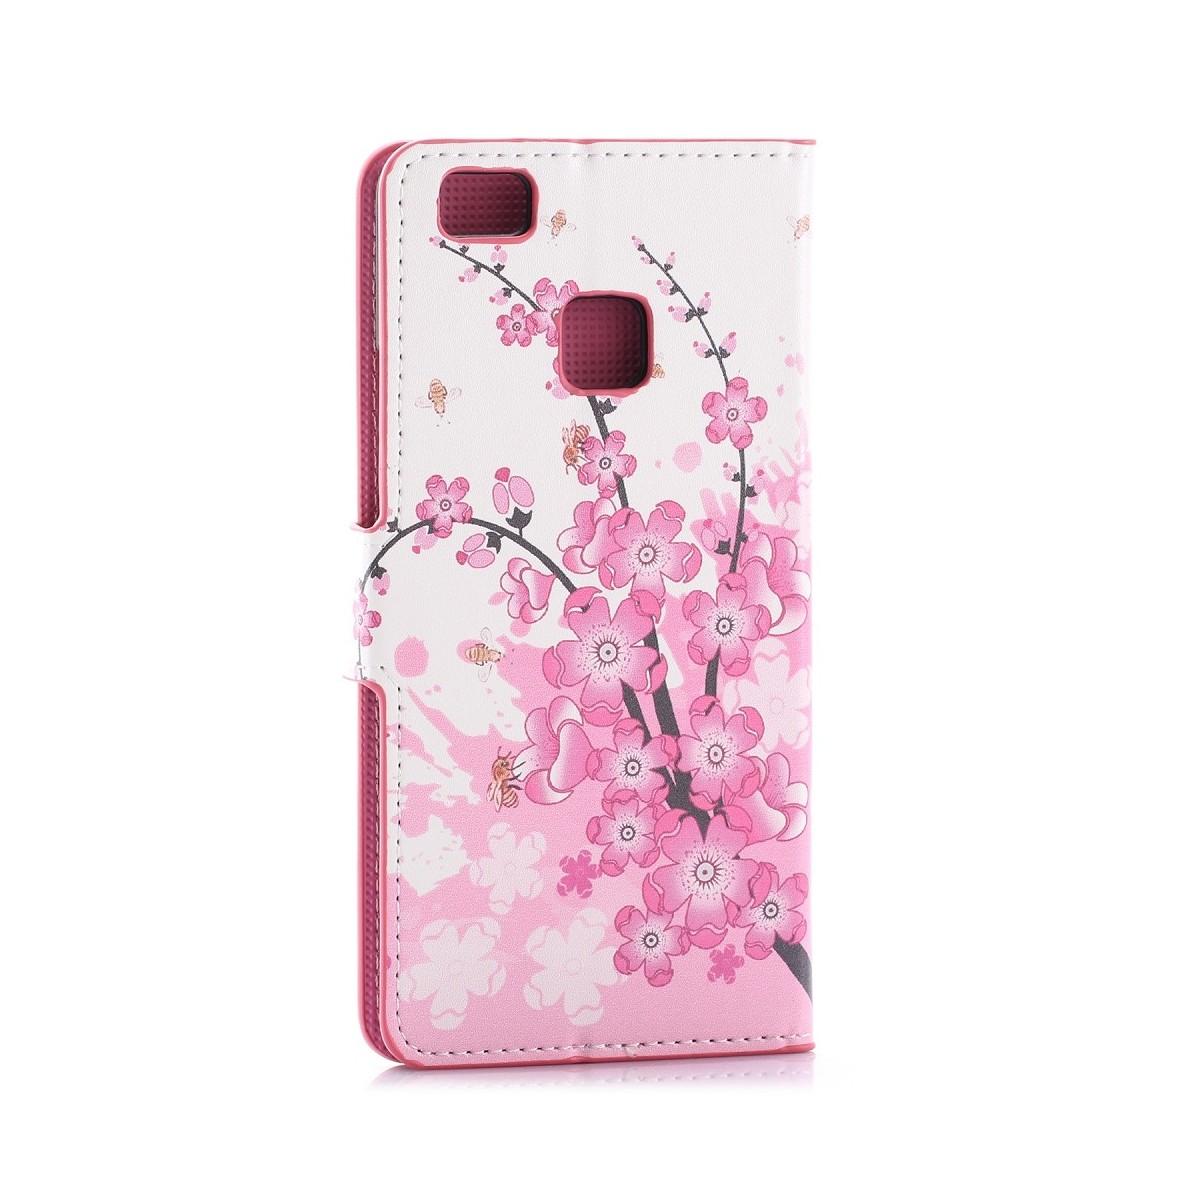 Etui Huawei P9 Lite motif Fleurs Japonaises - Crazy Kase